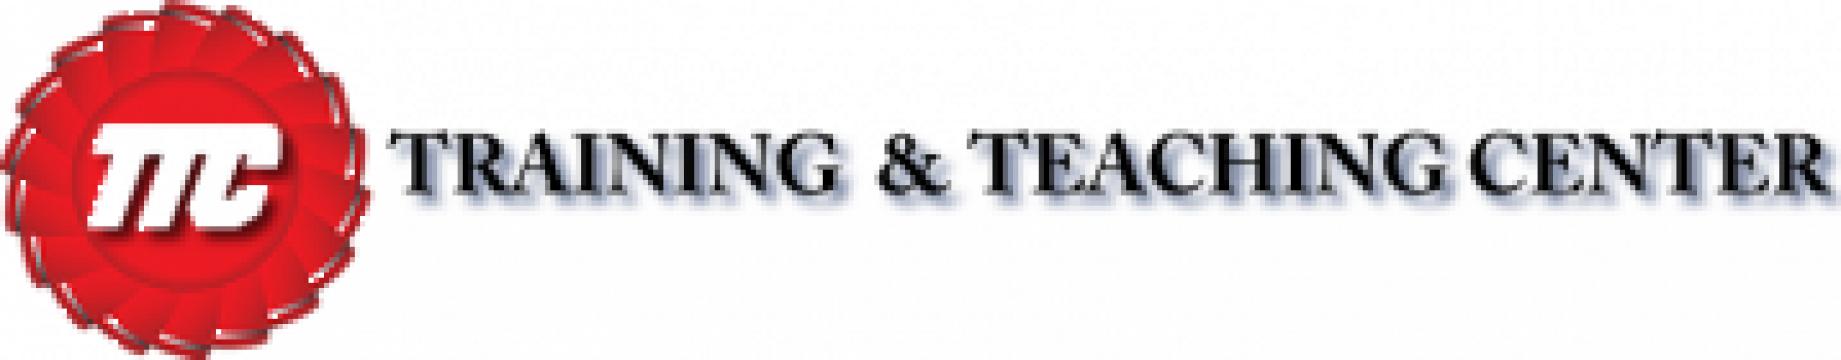 Curs asistent relatii publice si comunicare de la Training & Teaching Center Srl